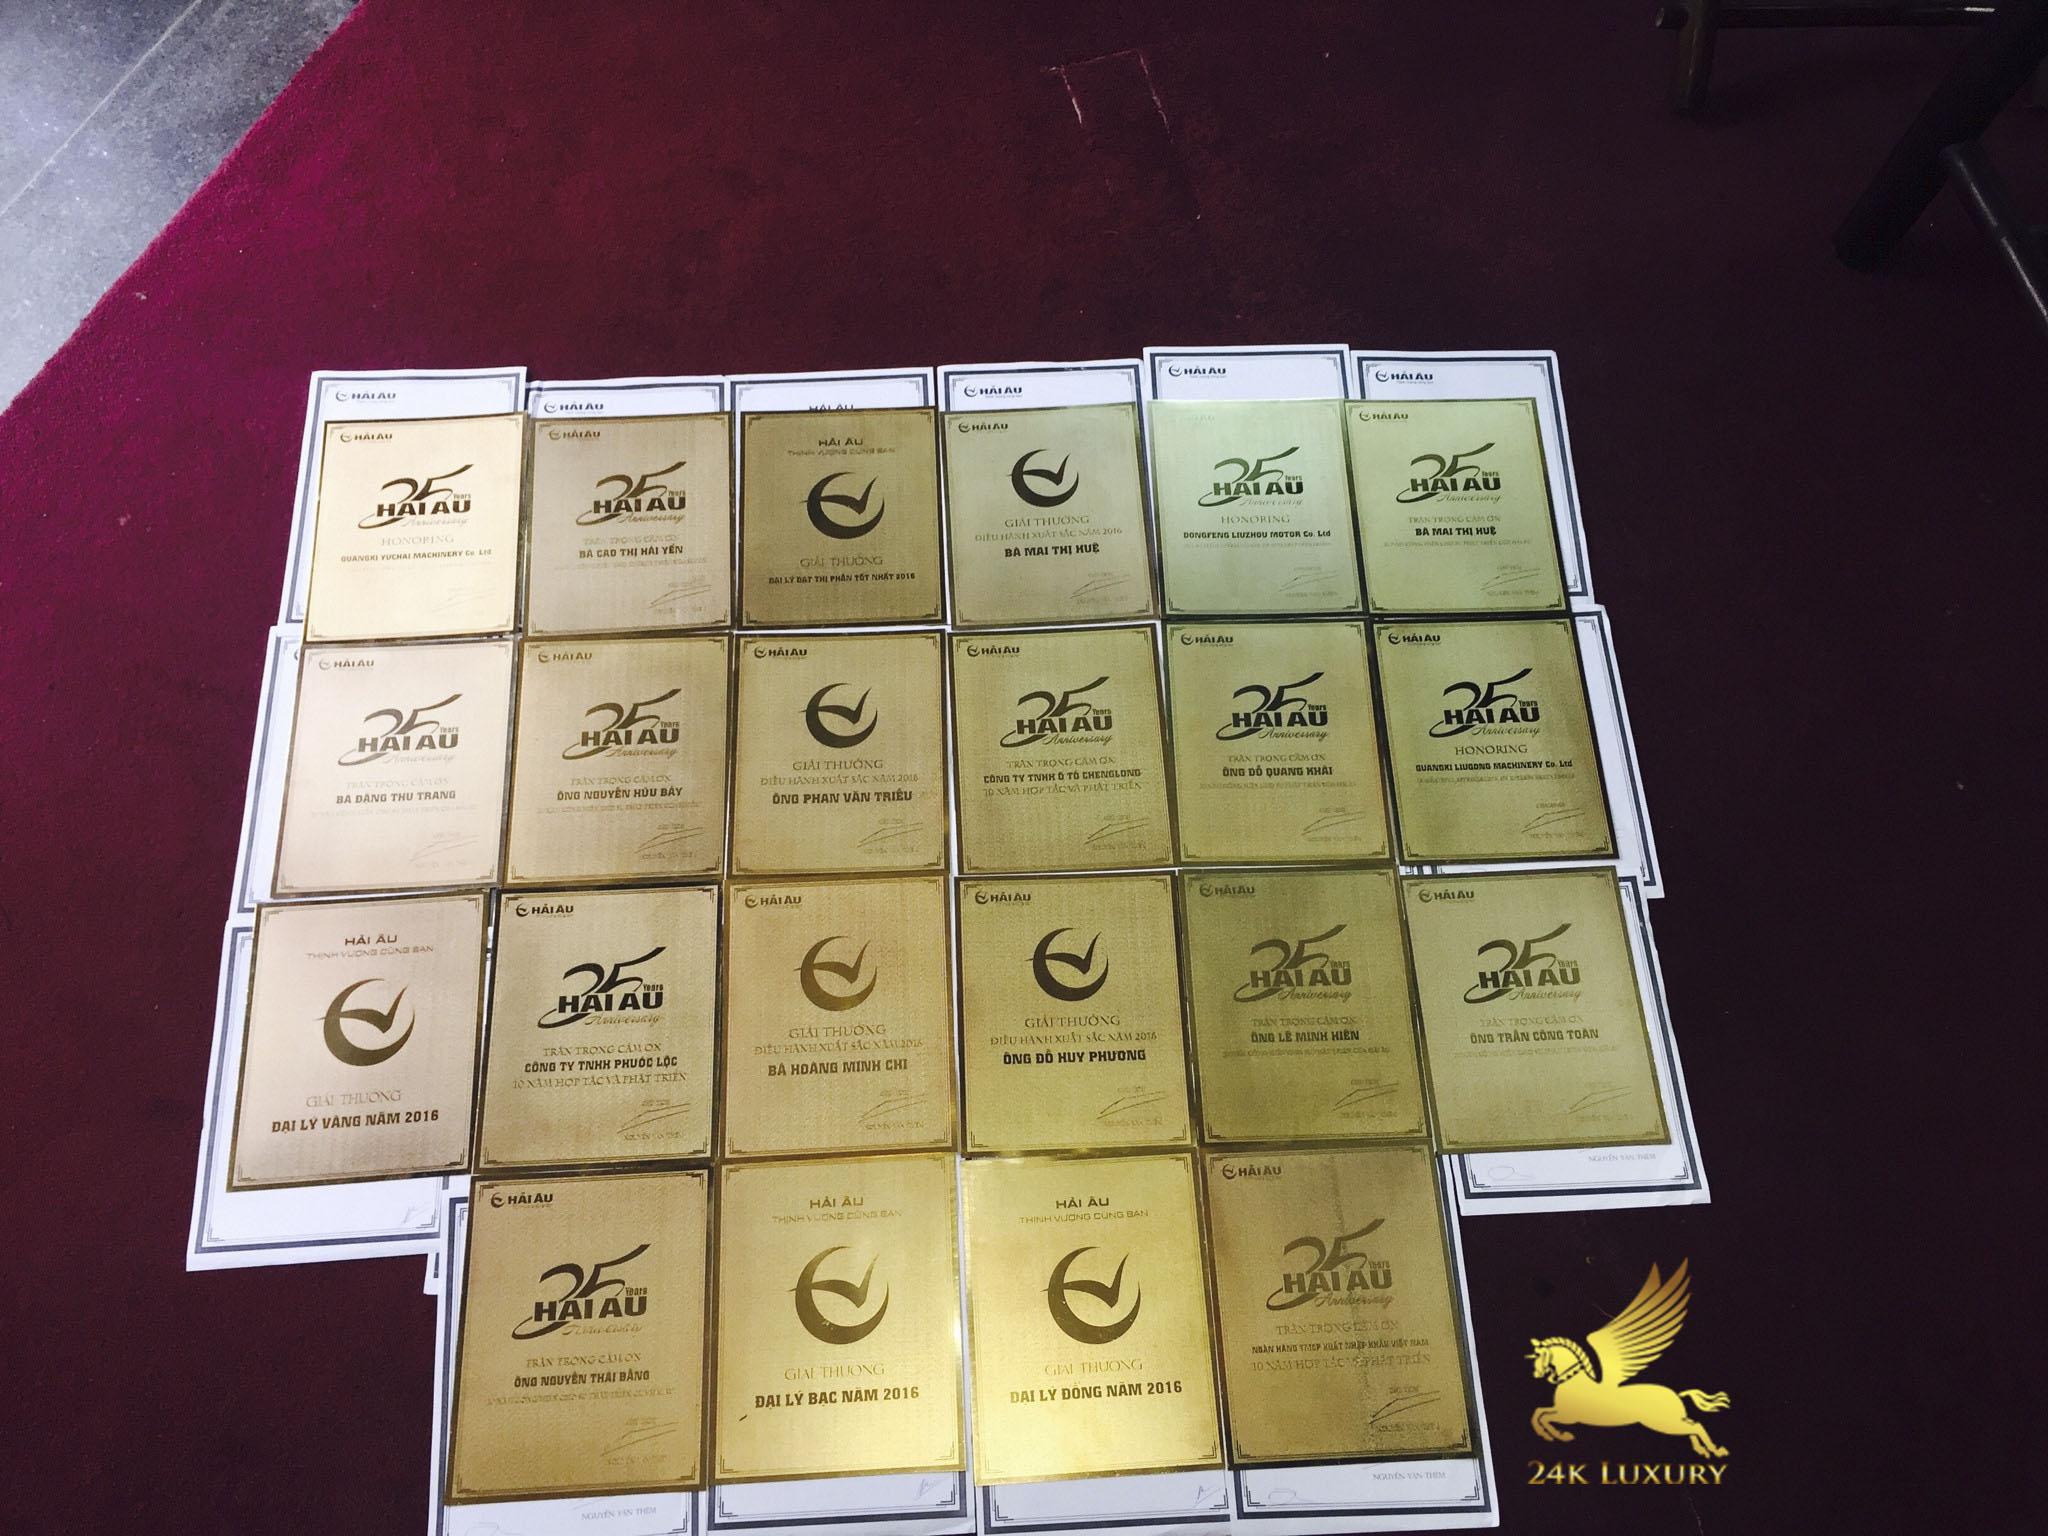 Kỷ niệm chương mạ vàng góp phần tôn vinh giá trị của món quà,         mang lại dấu ấn đặc biệt gửi tặng đến người nhận